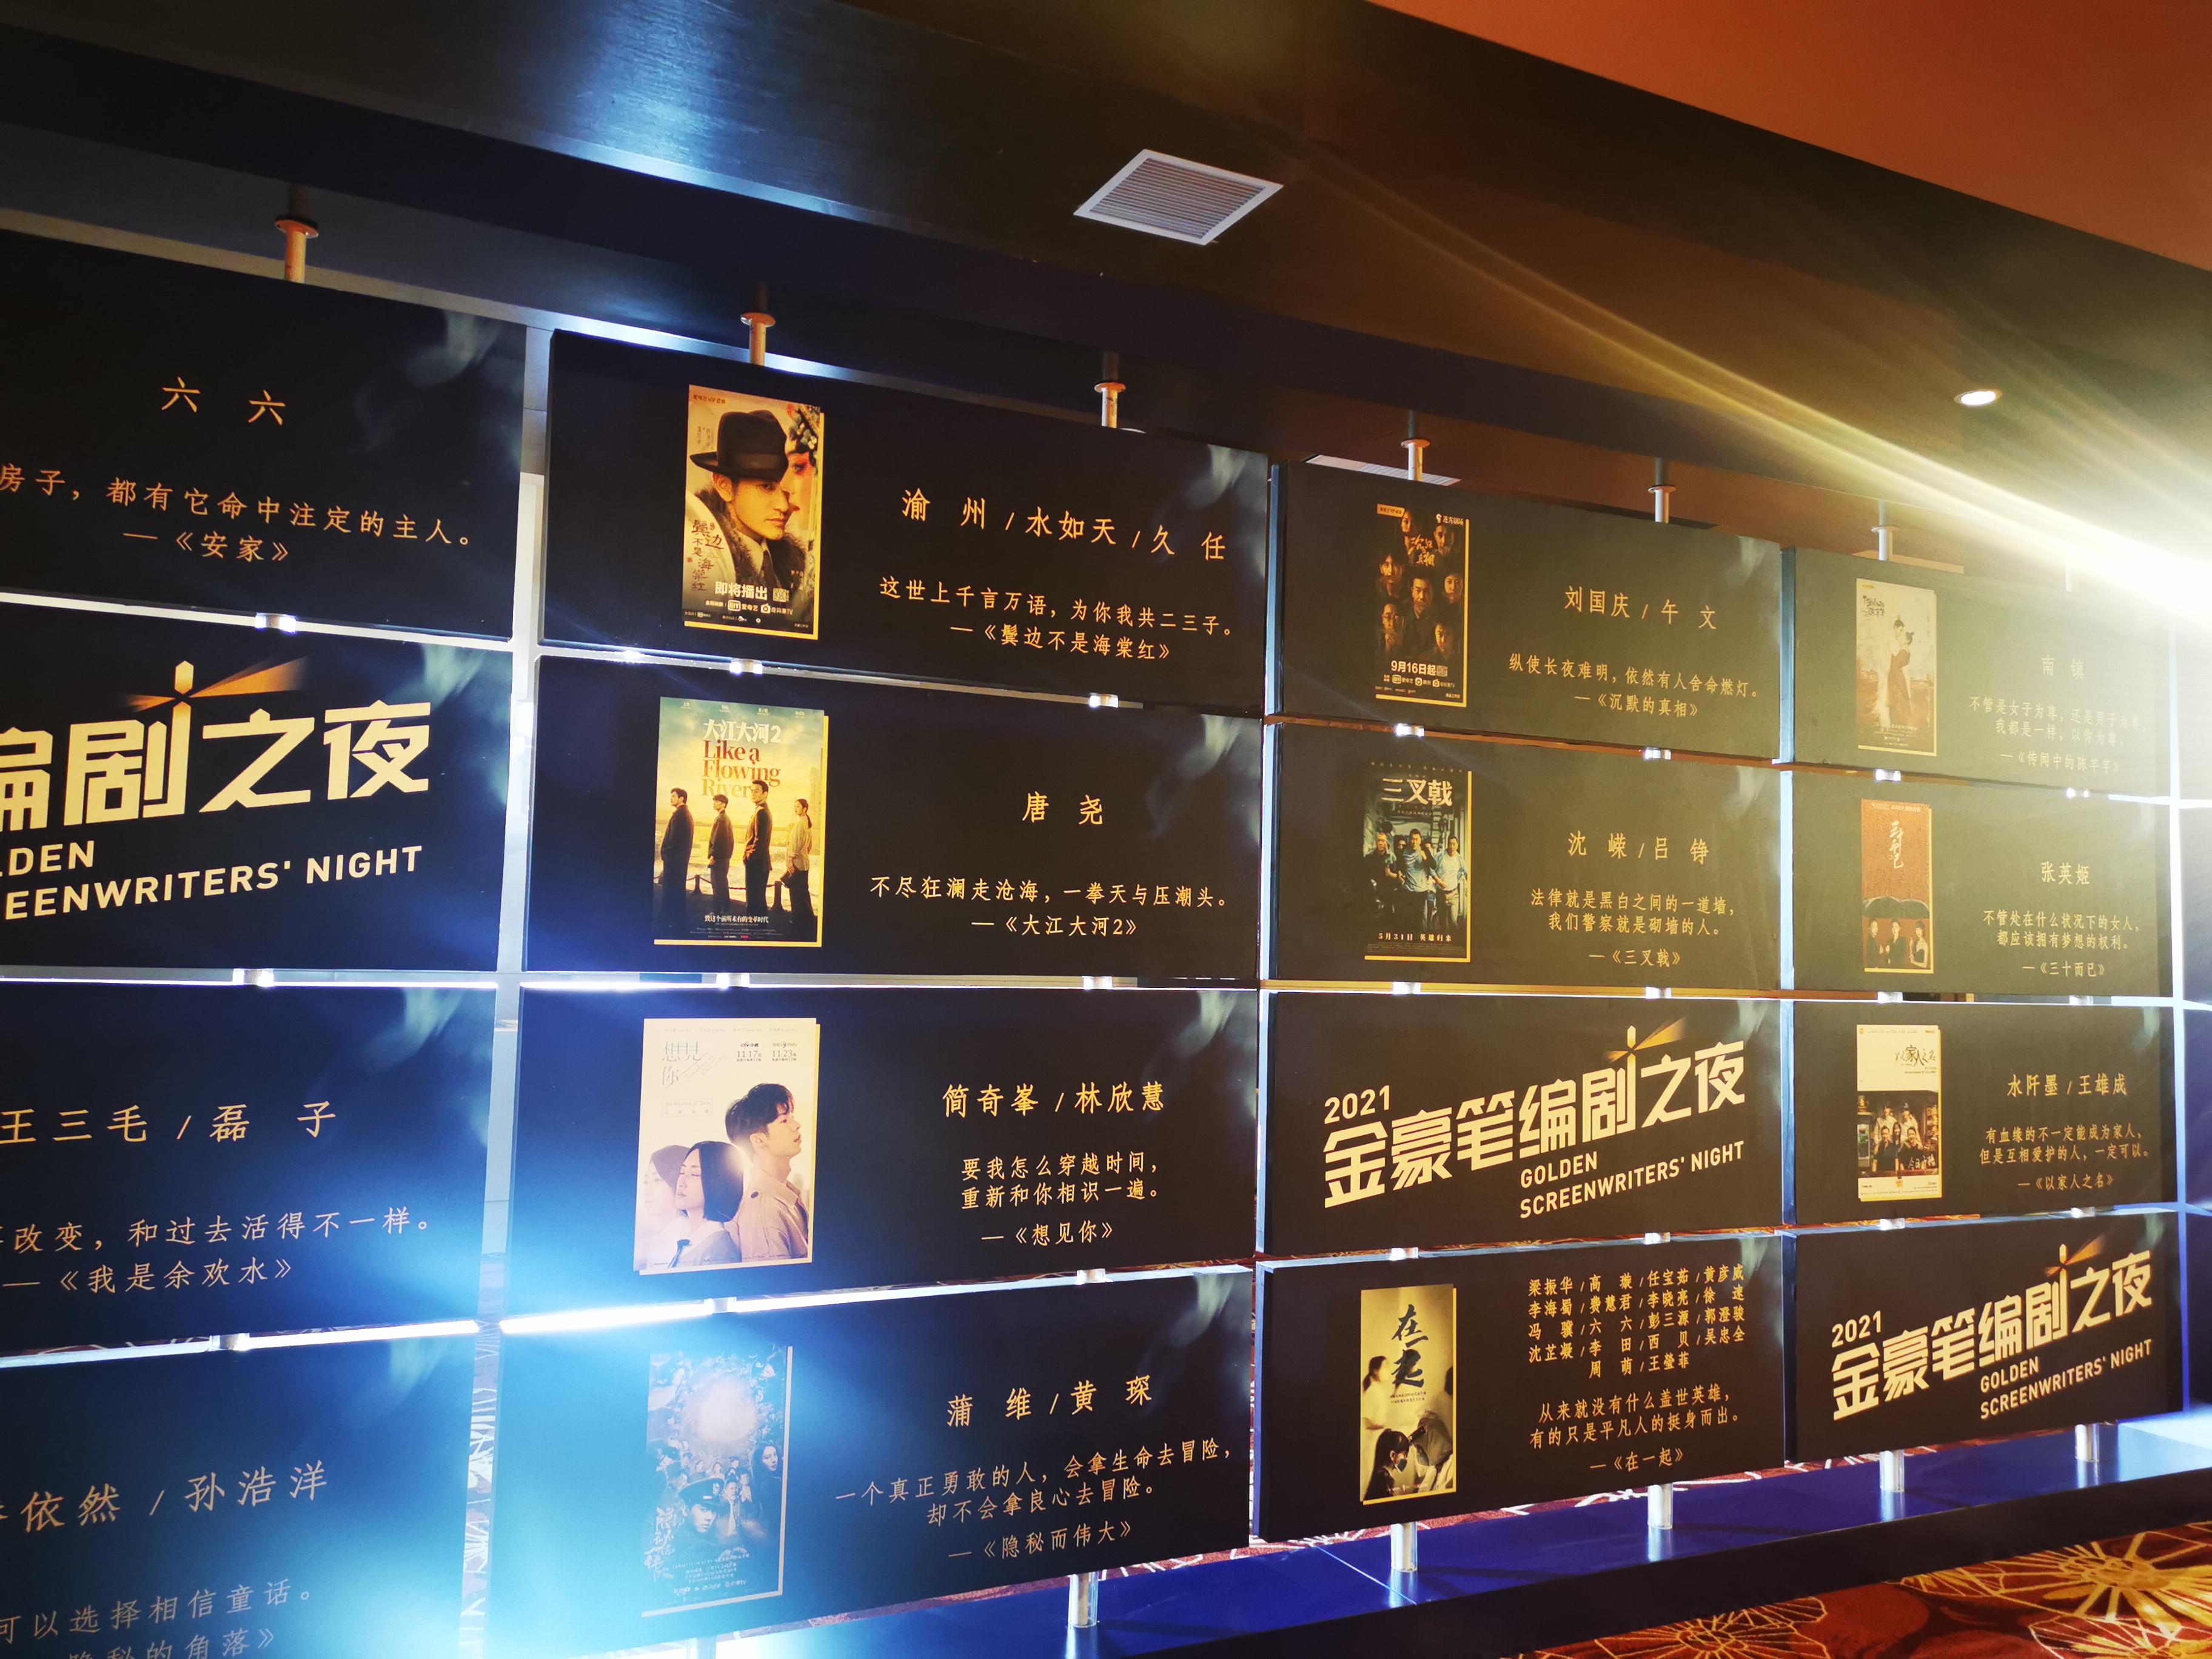 2021爱奇艺编剧之夜公布获奖名单:《在一起》、《大江大河2》获年度特出贡献奖